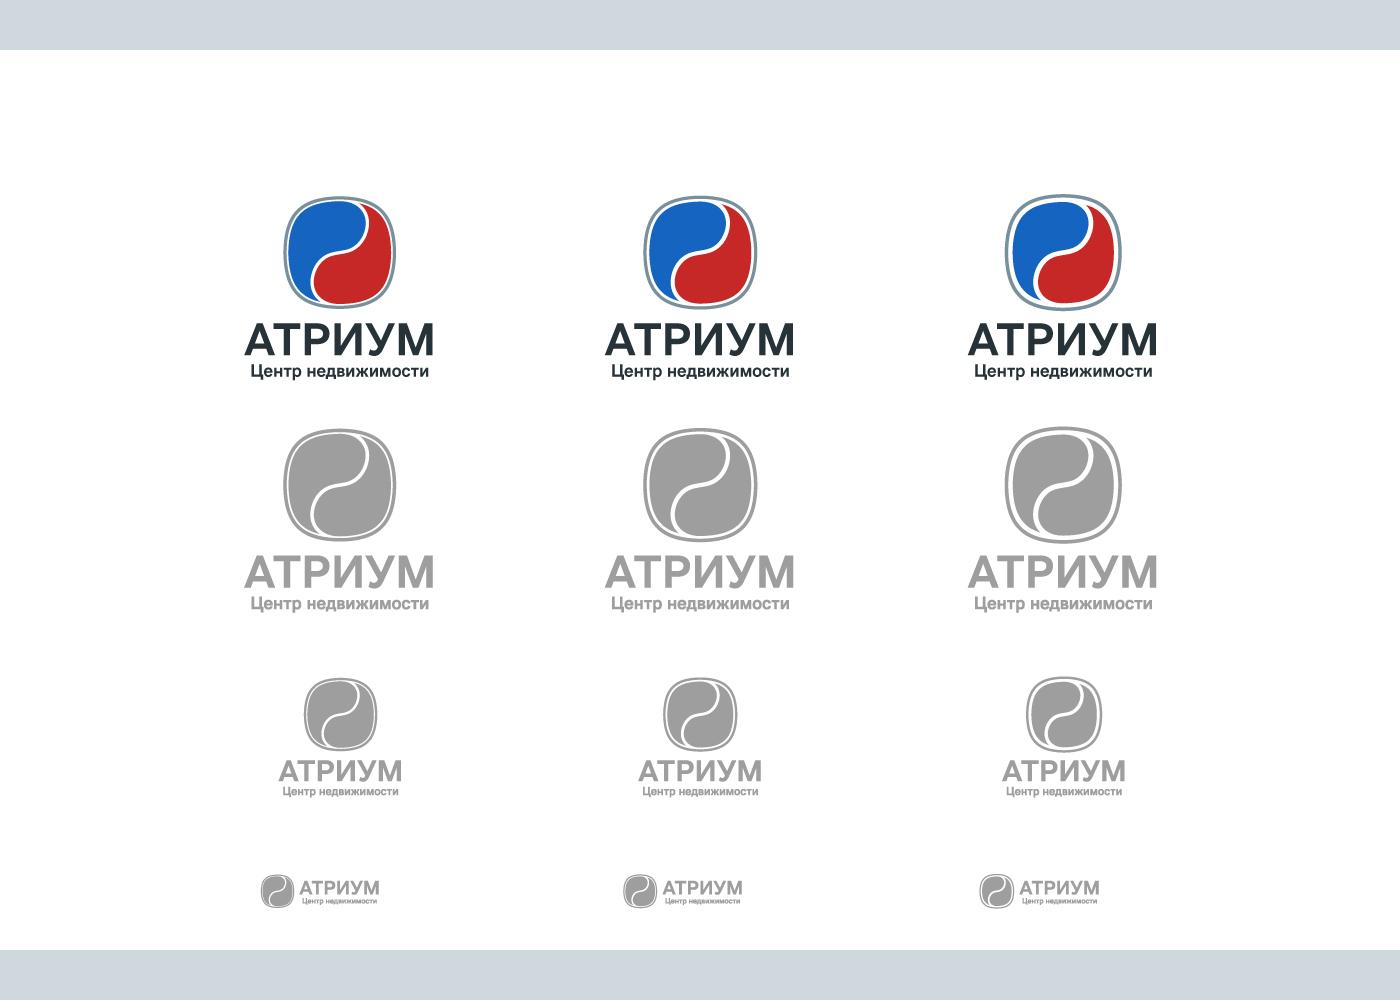 Редизайн / модернизация логотипа Центра недвижимости фото f_9965bd2e9c988b71.jpg